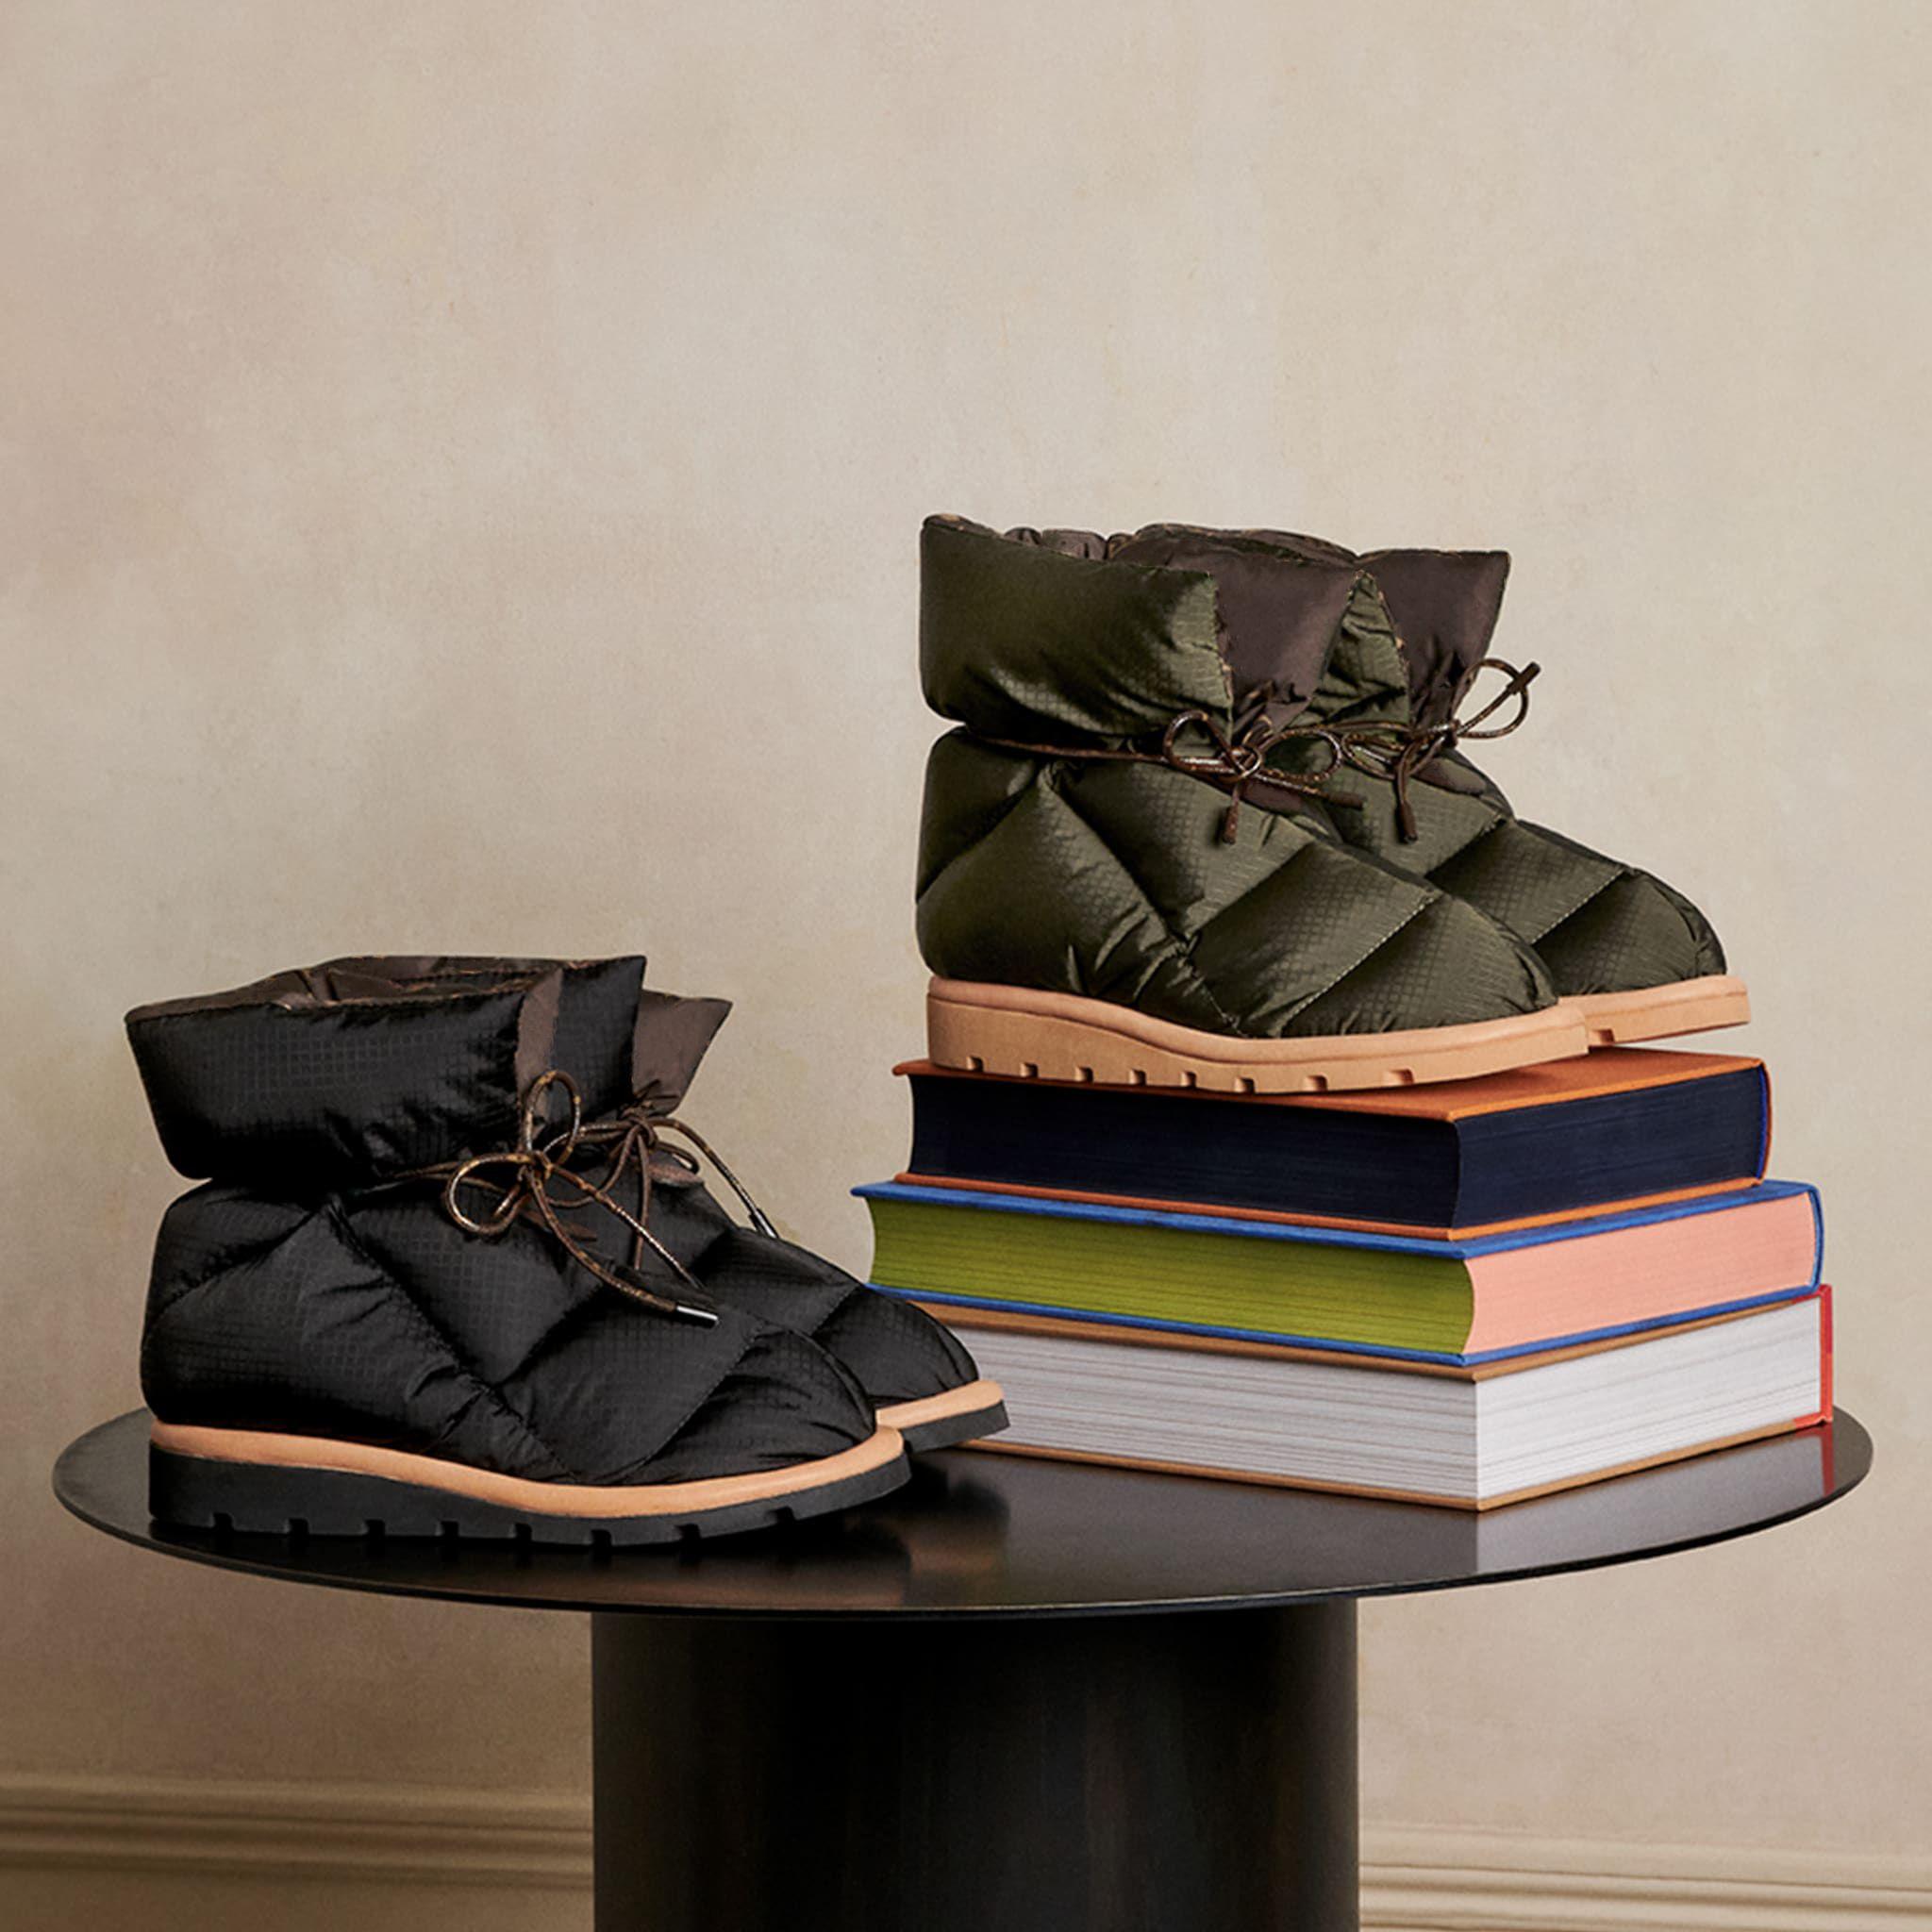 Cuscino Comfort Caviglia Stivaletti Donne Soft Down Shoe Designer scarpe piatte Impermeabile Nylon Upper Stivali invernali di buona qualità Big Size 265